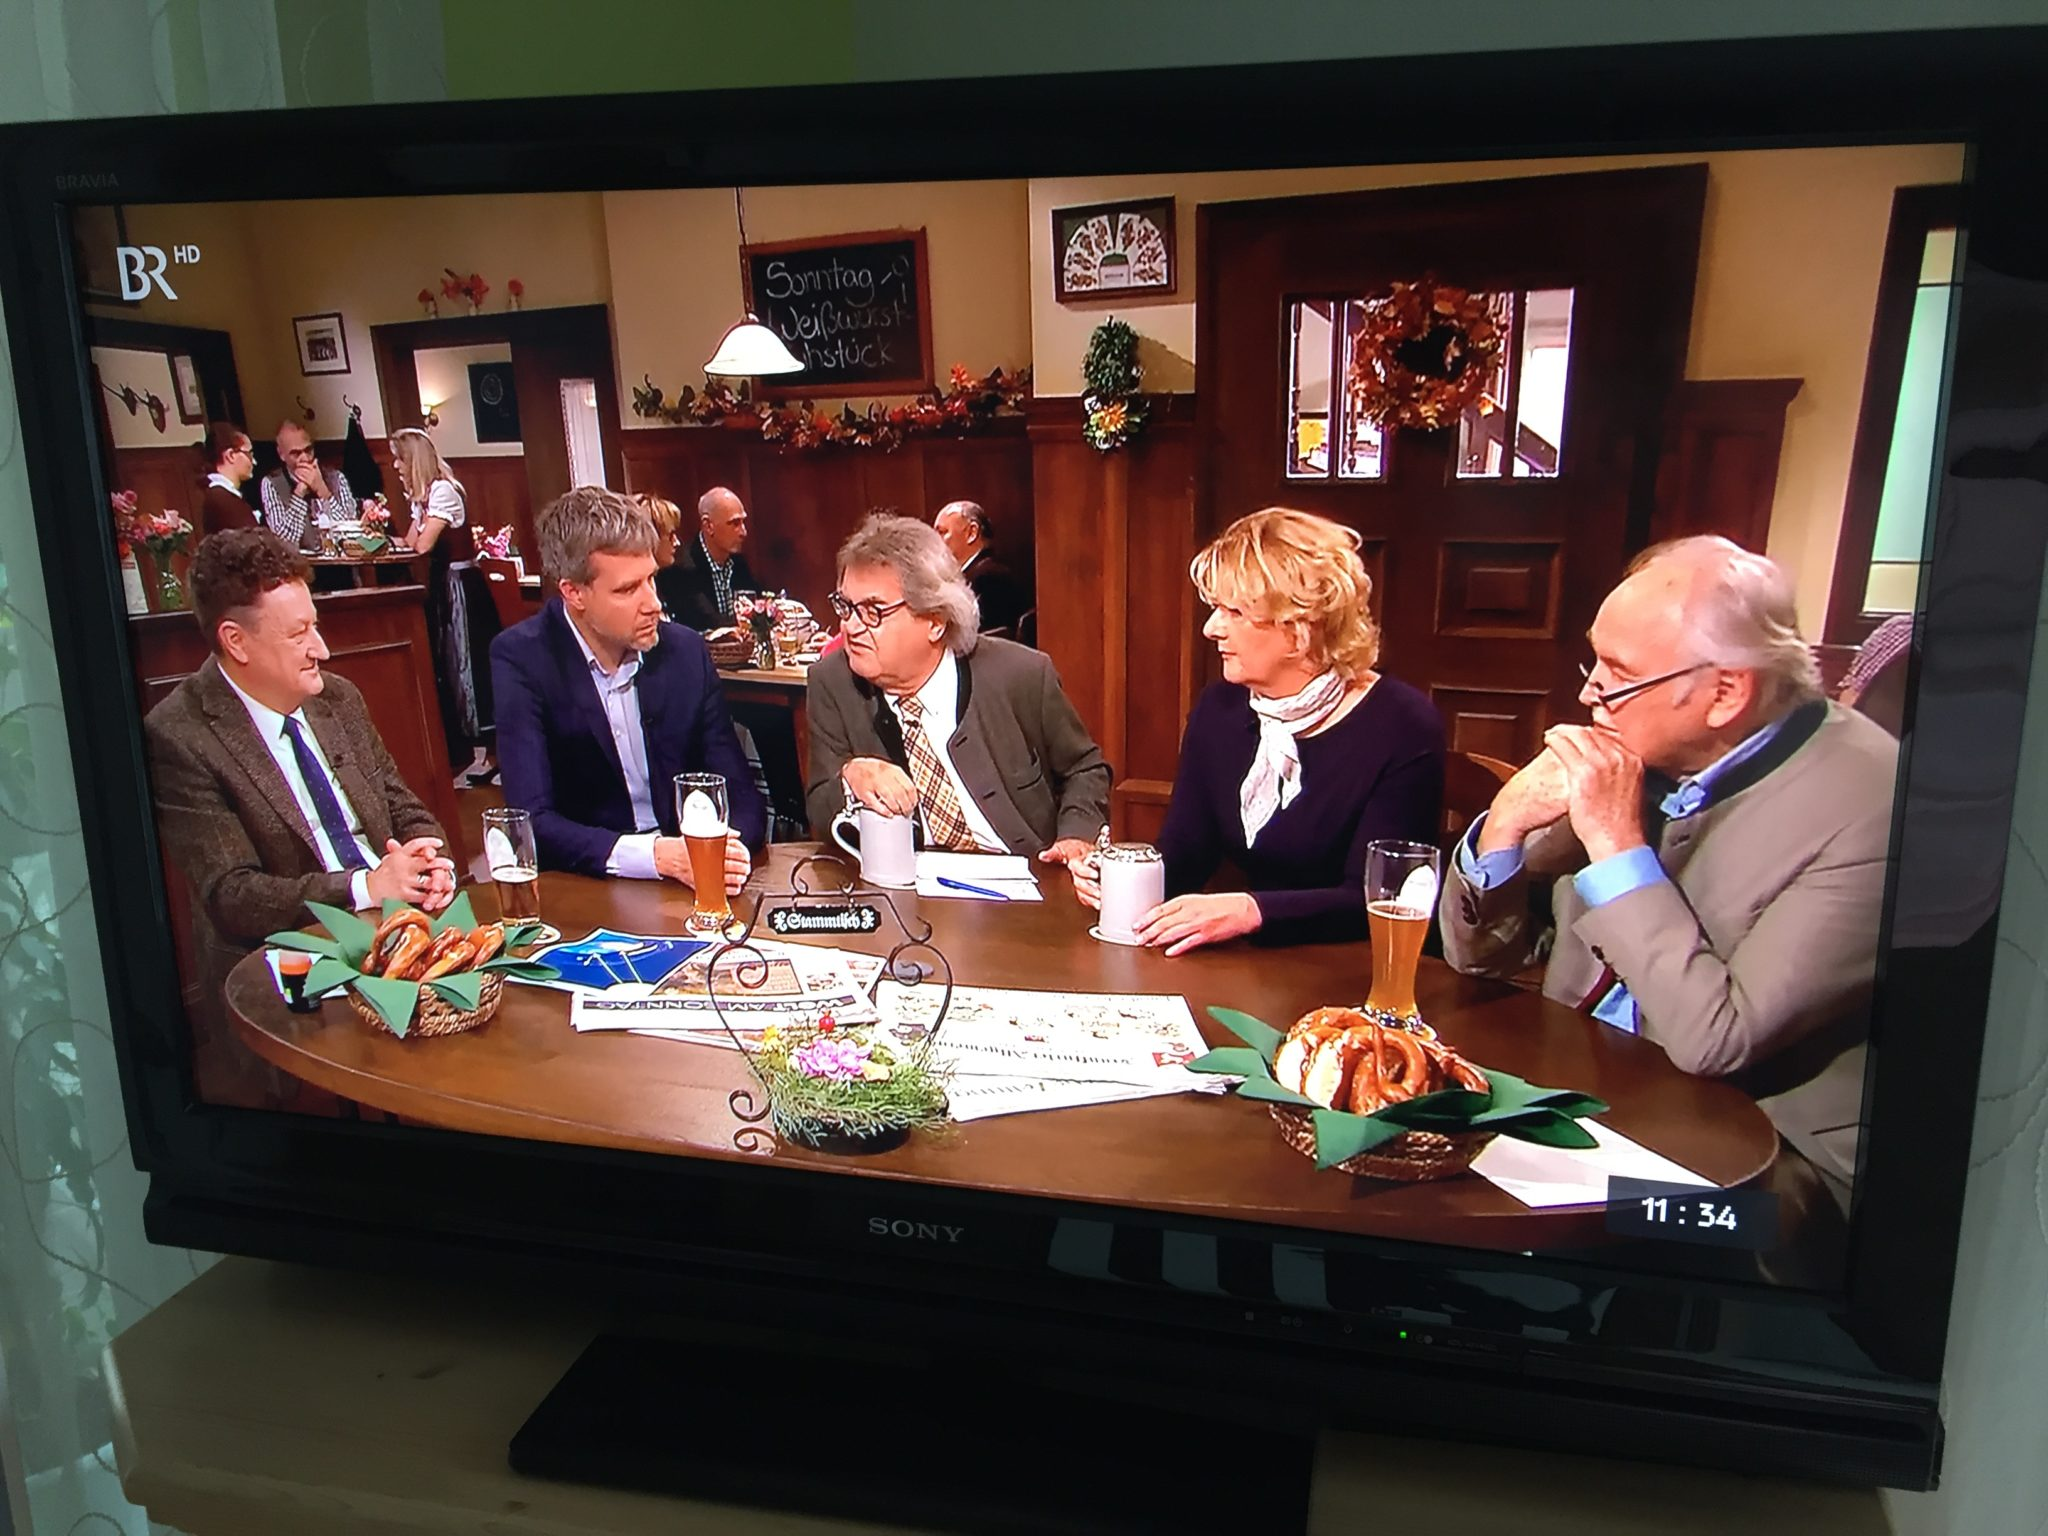 Politische Diskussion im Fernsehen